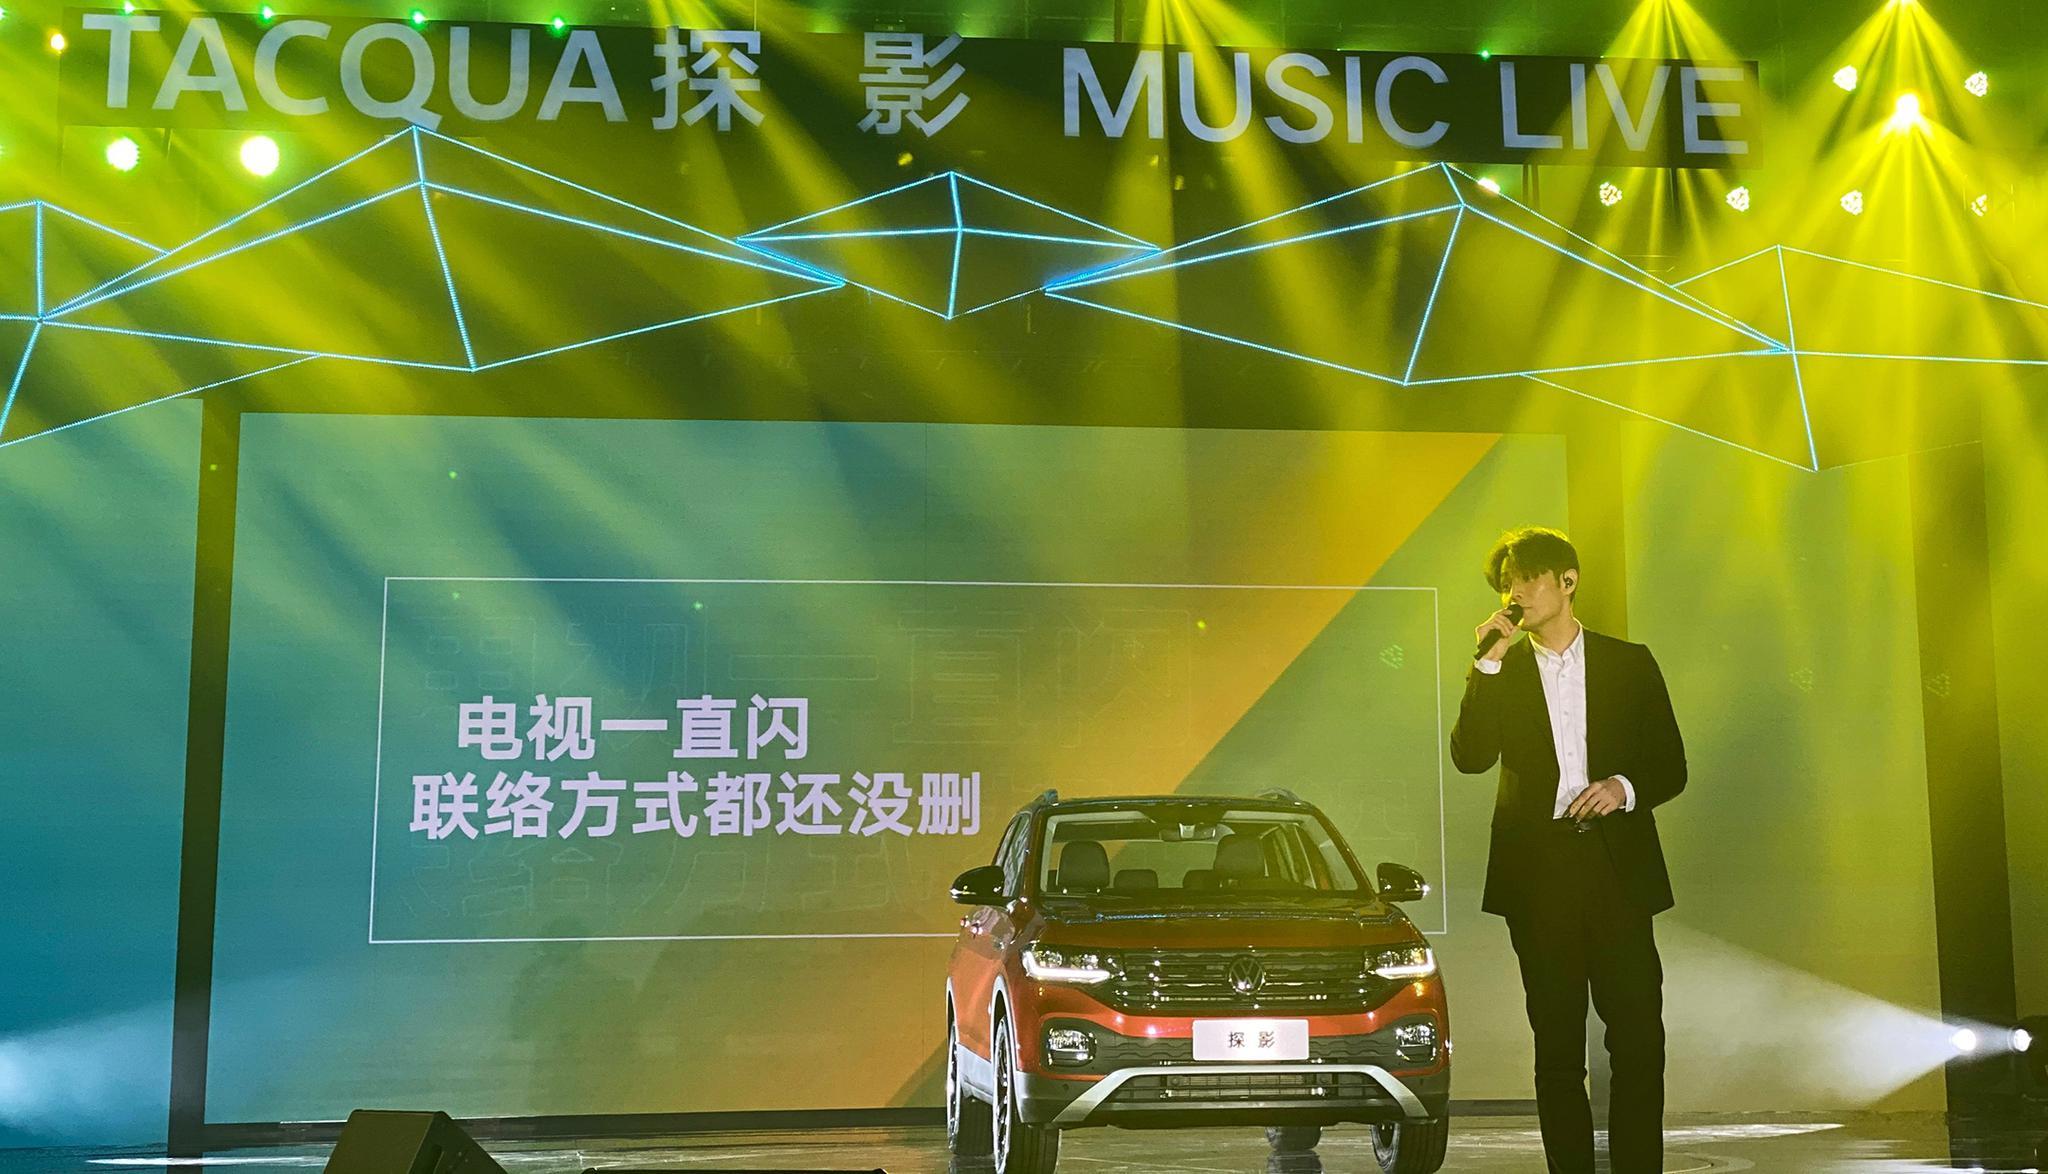 一汽-大众探影首席体验官 李荣浩先生 为探影献唱